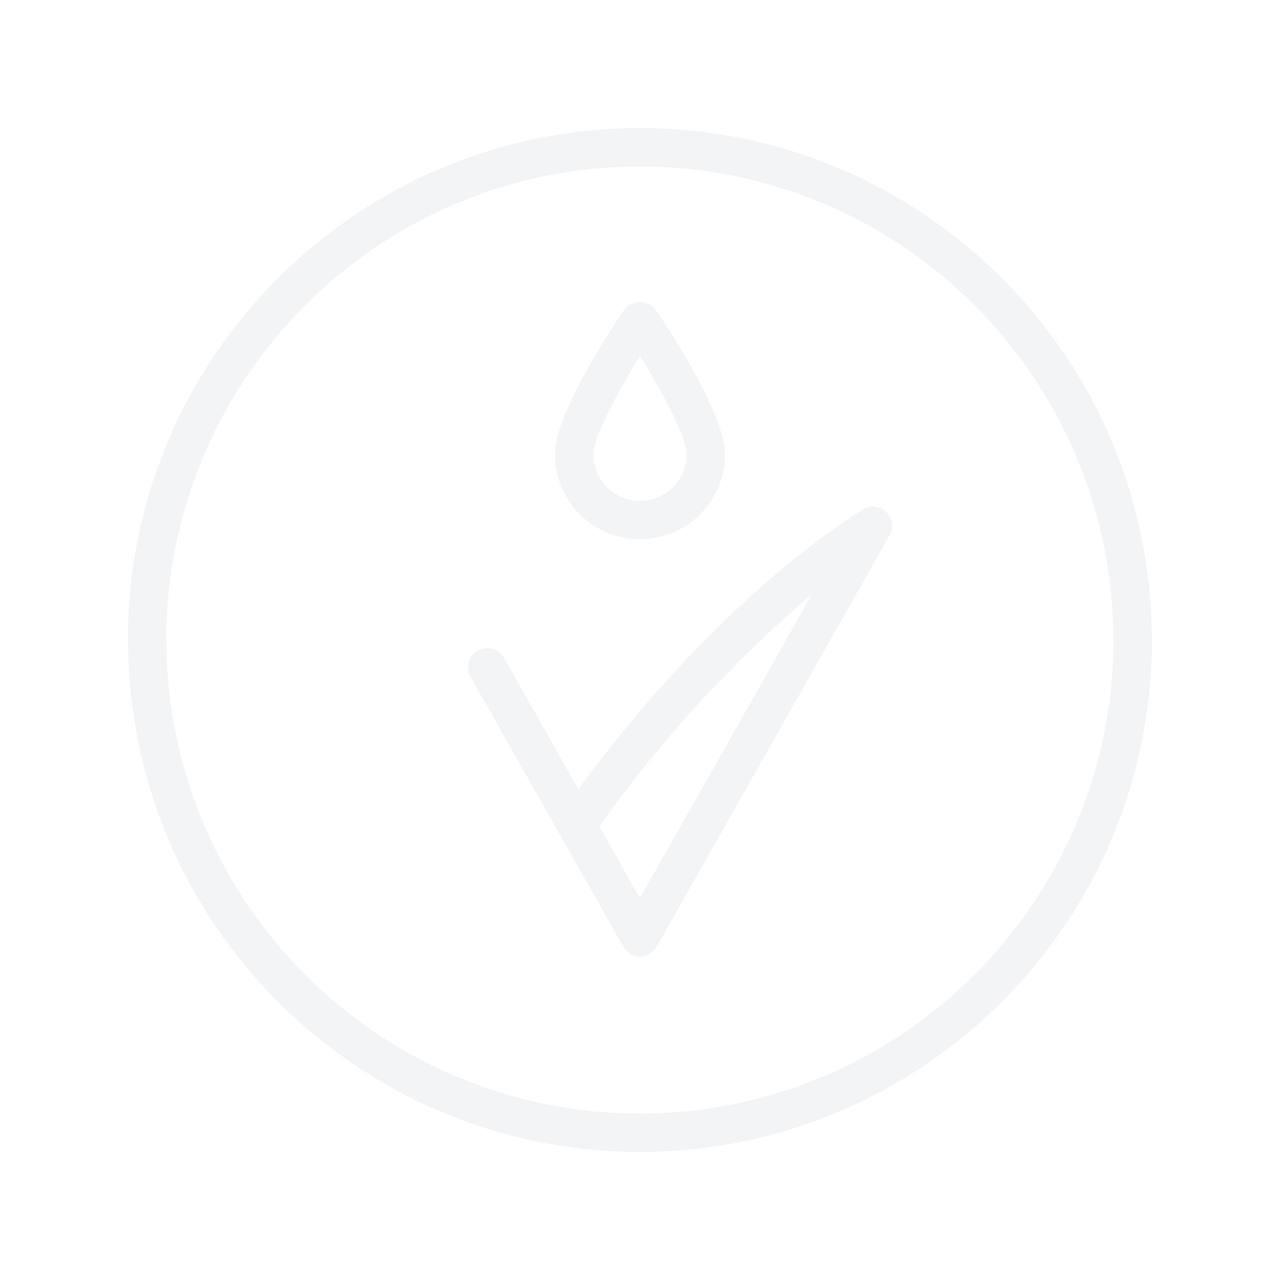 MINIGOLD Ballerine E Earrings